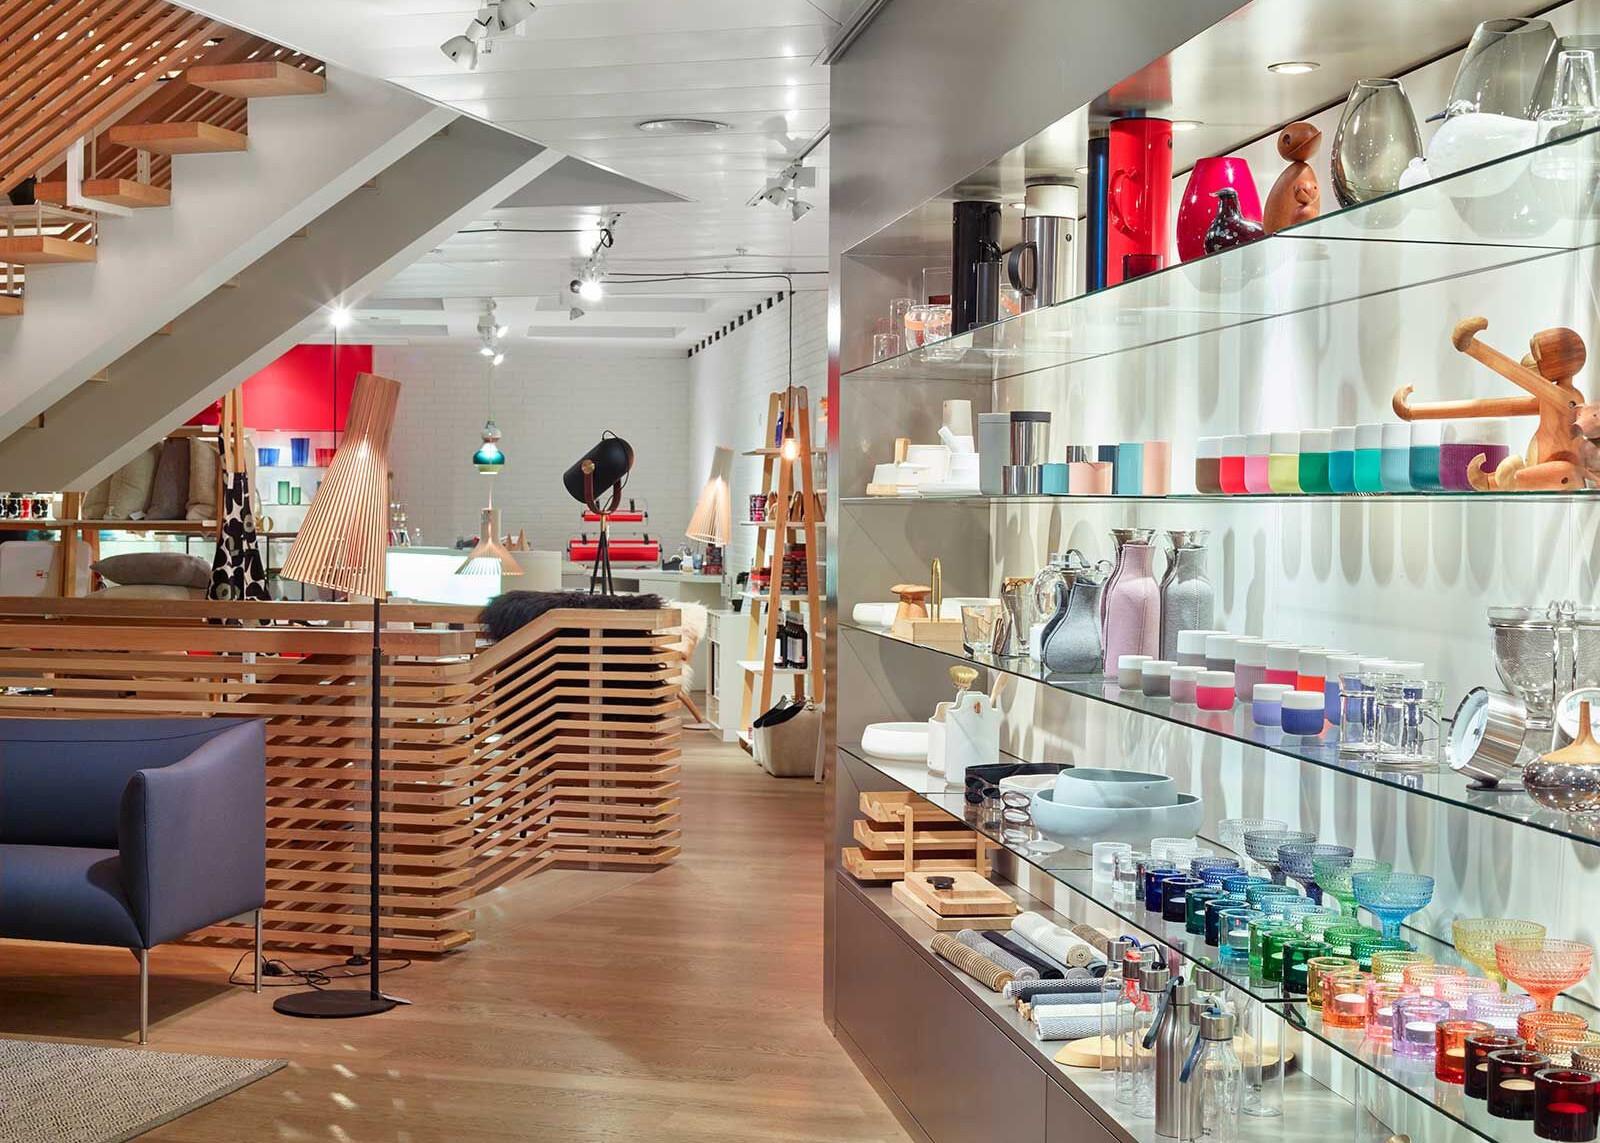 Boutique_Danoise_Basel_Daenische_Designer_Moebel_Accessoires_Wohnen_Ausstellung_06